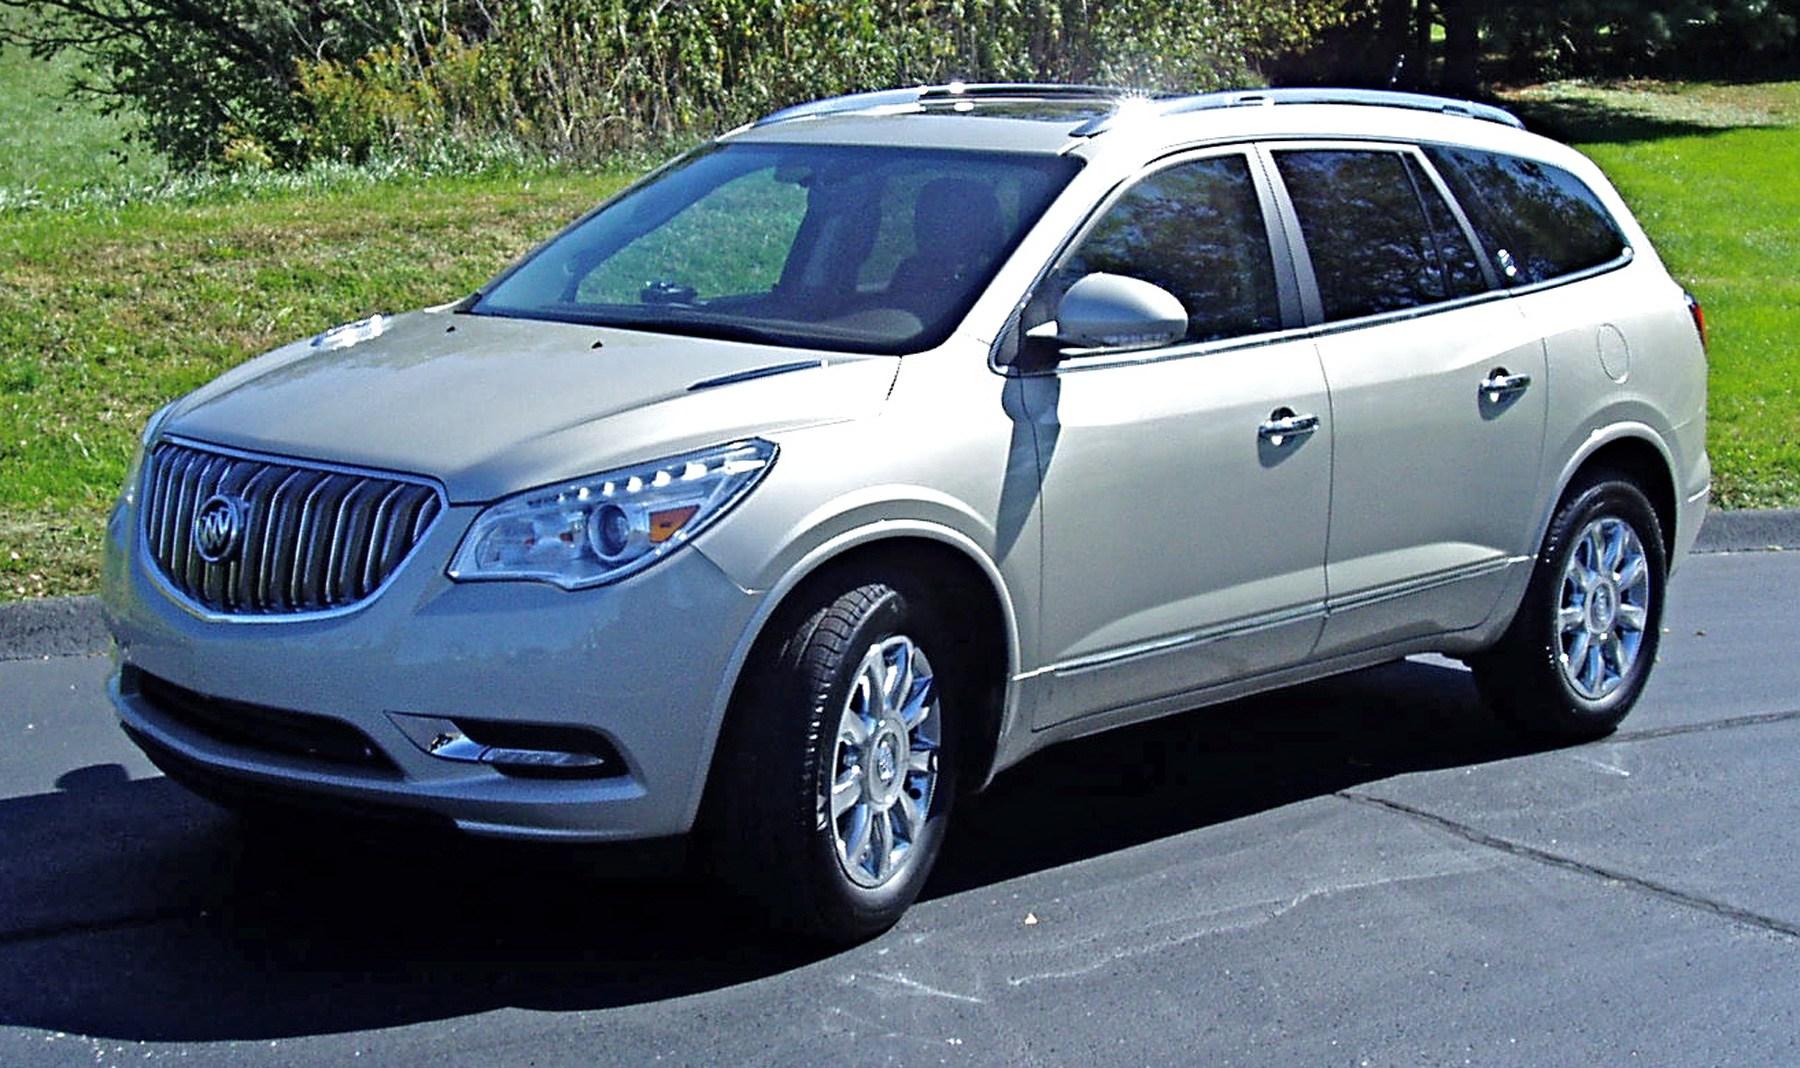 Buick Enclave I 2007 - 2013 SUV 5 door #2